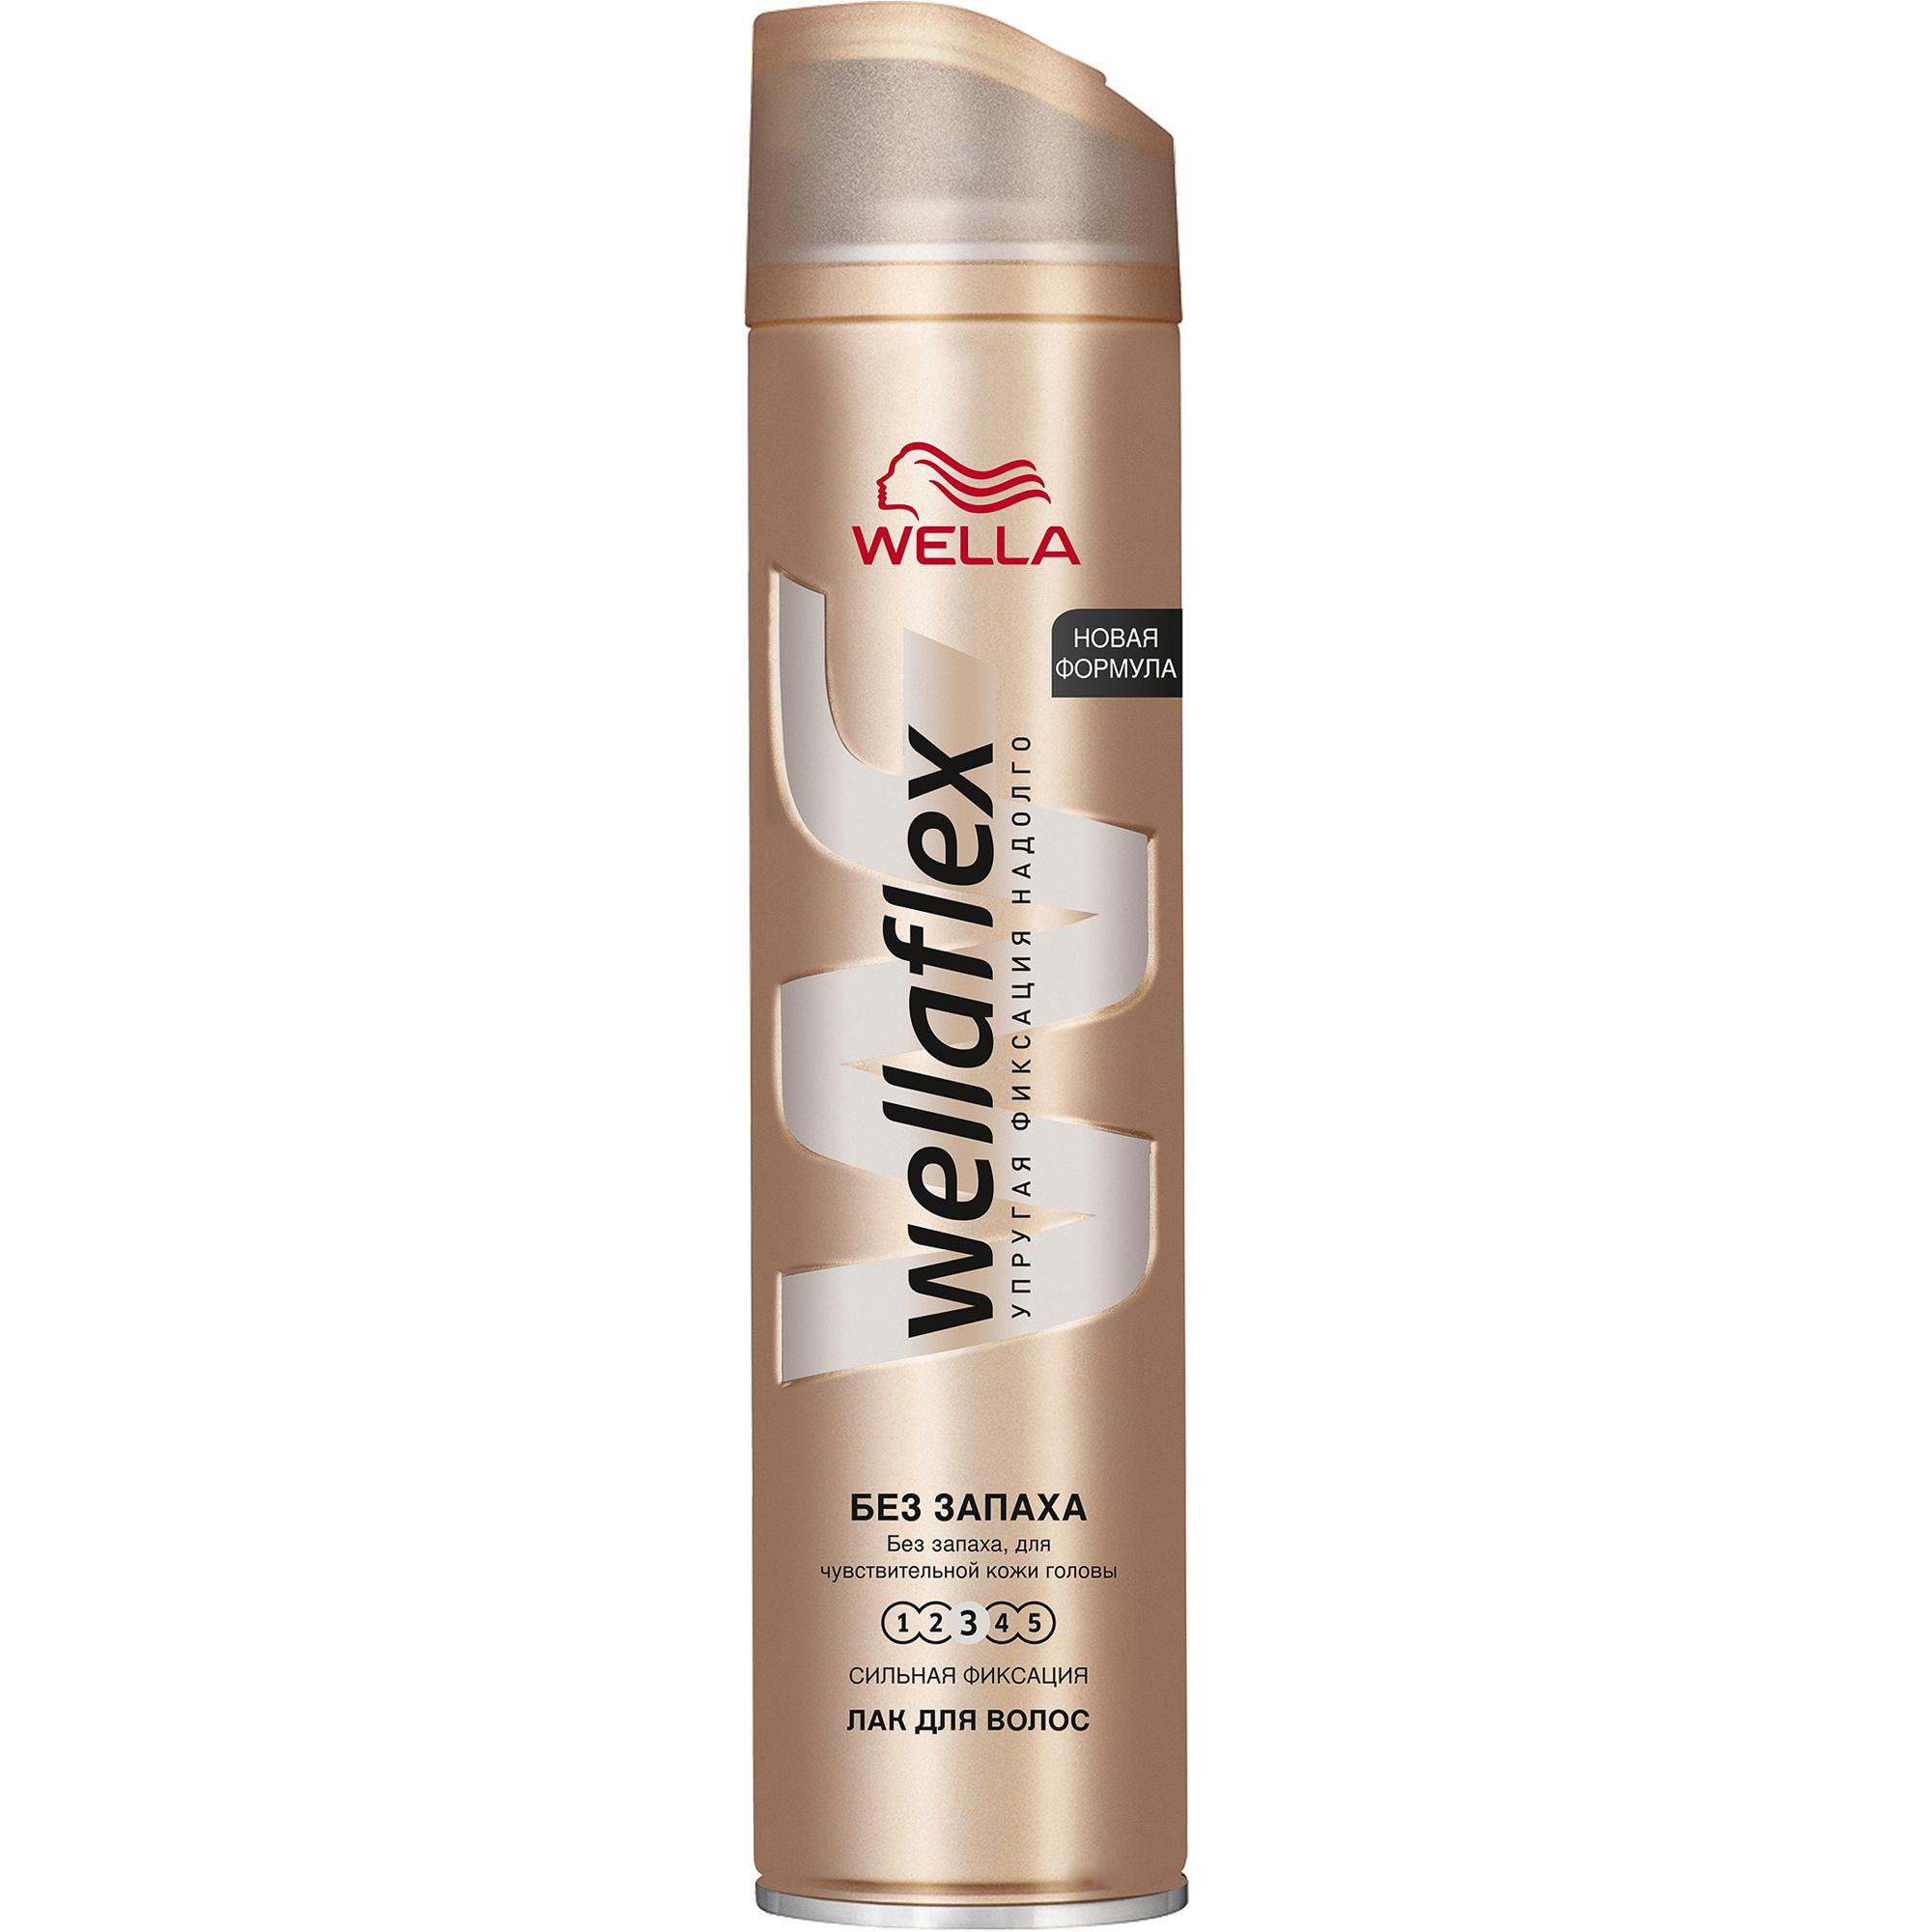 Лак для волос Wella Wellaflex Без запаха Сильная фиксация 250 мл недорого